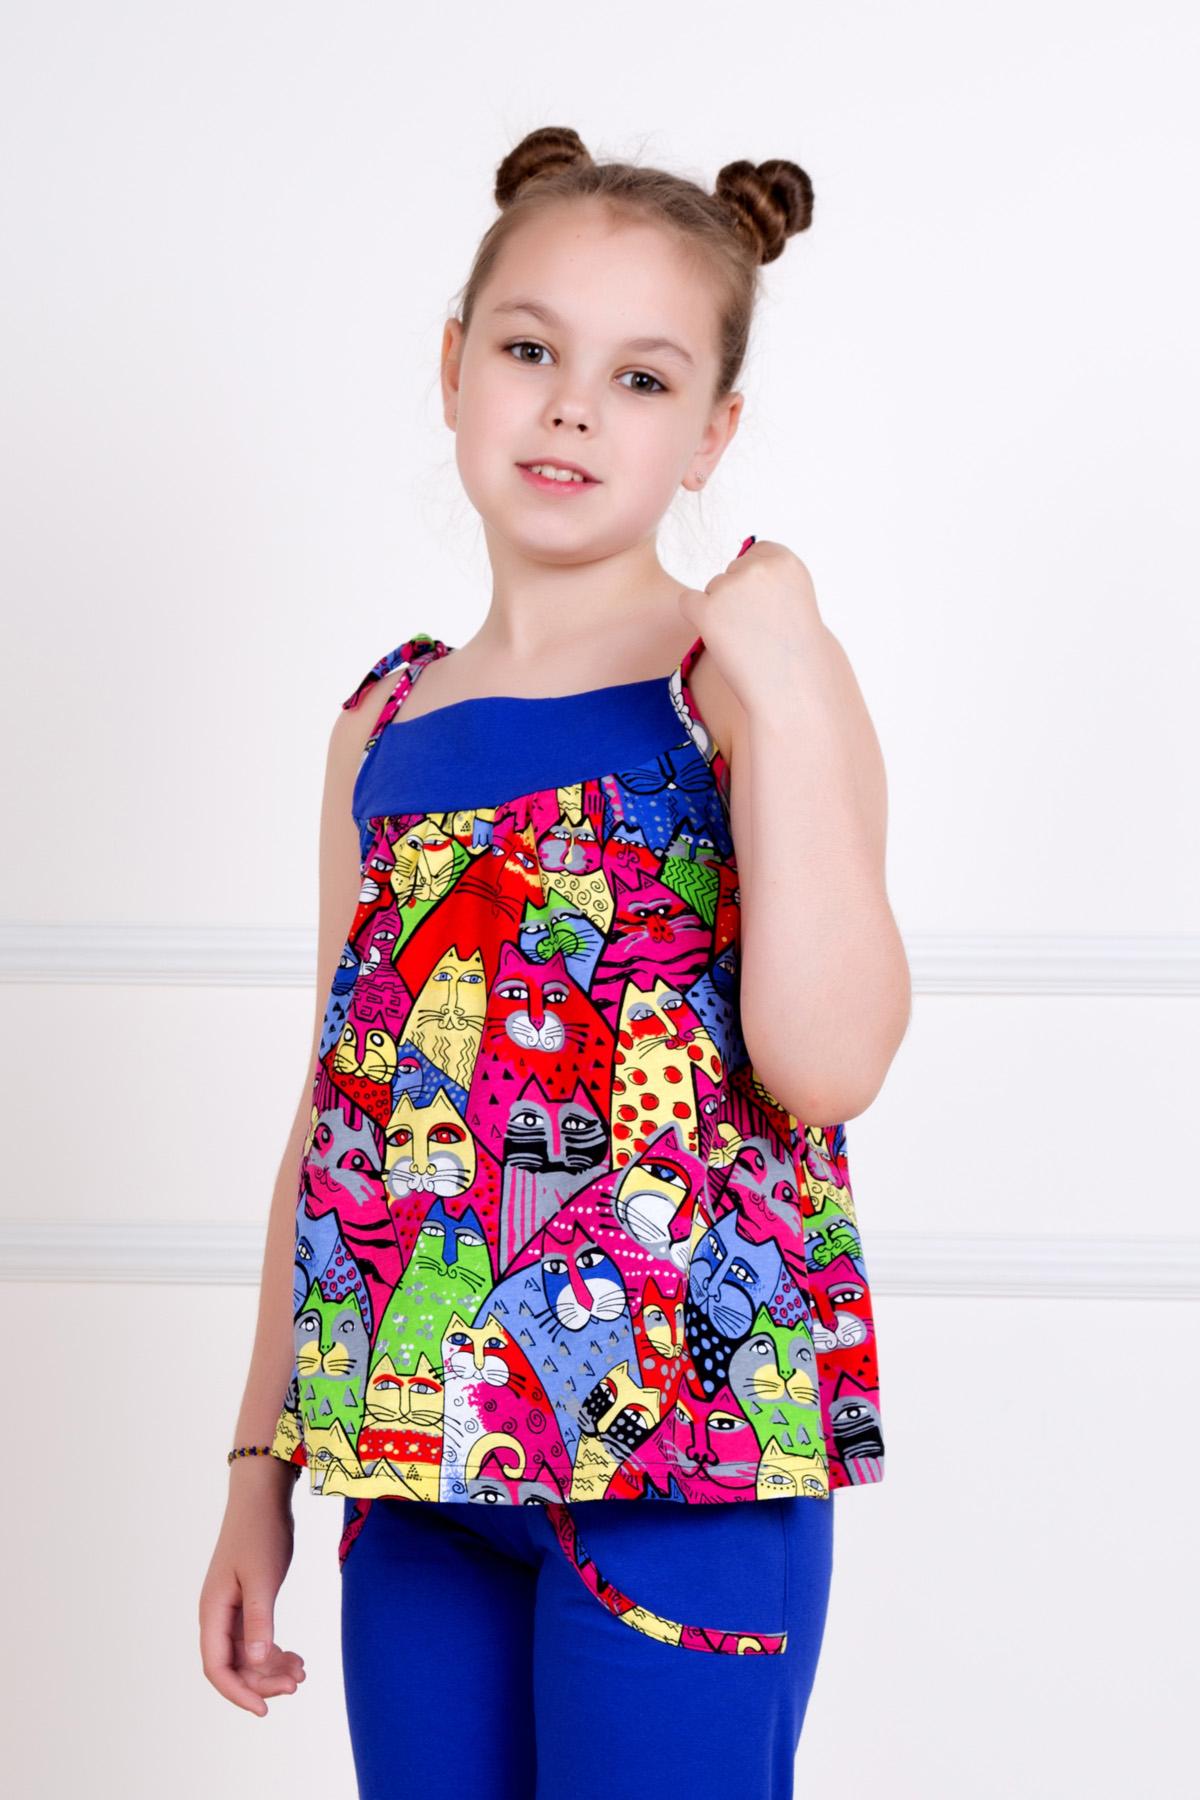 Дет. костюм Котенок р. 28Распродажа товаров<br><br><br>Тип: Дет. костюм<br>Размер: 28<br>Материал: Кулирка